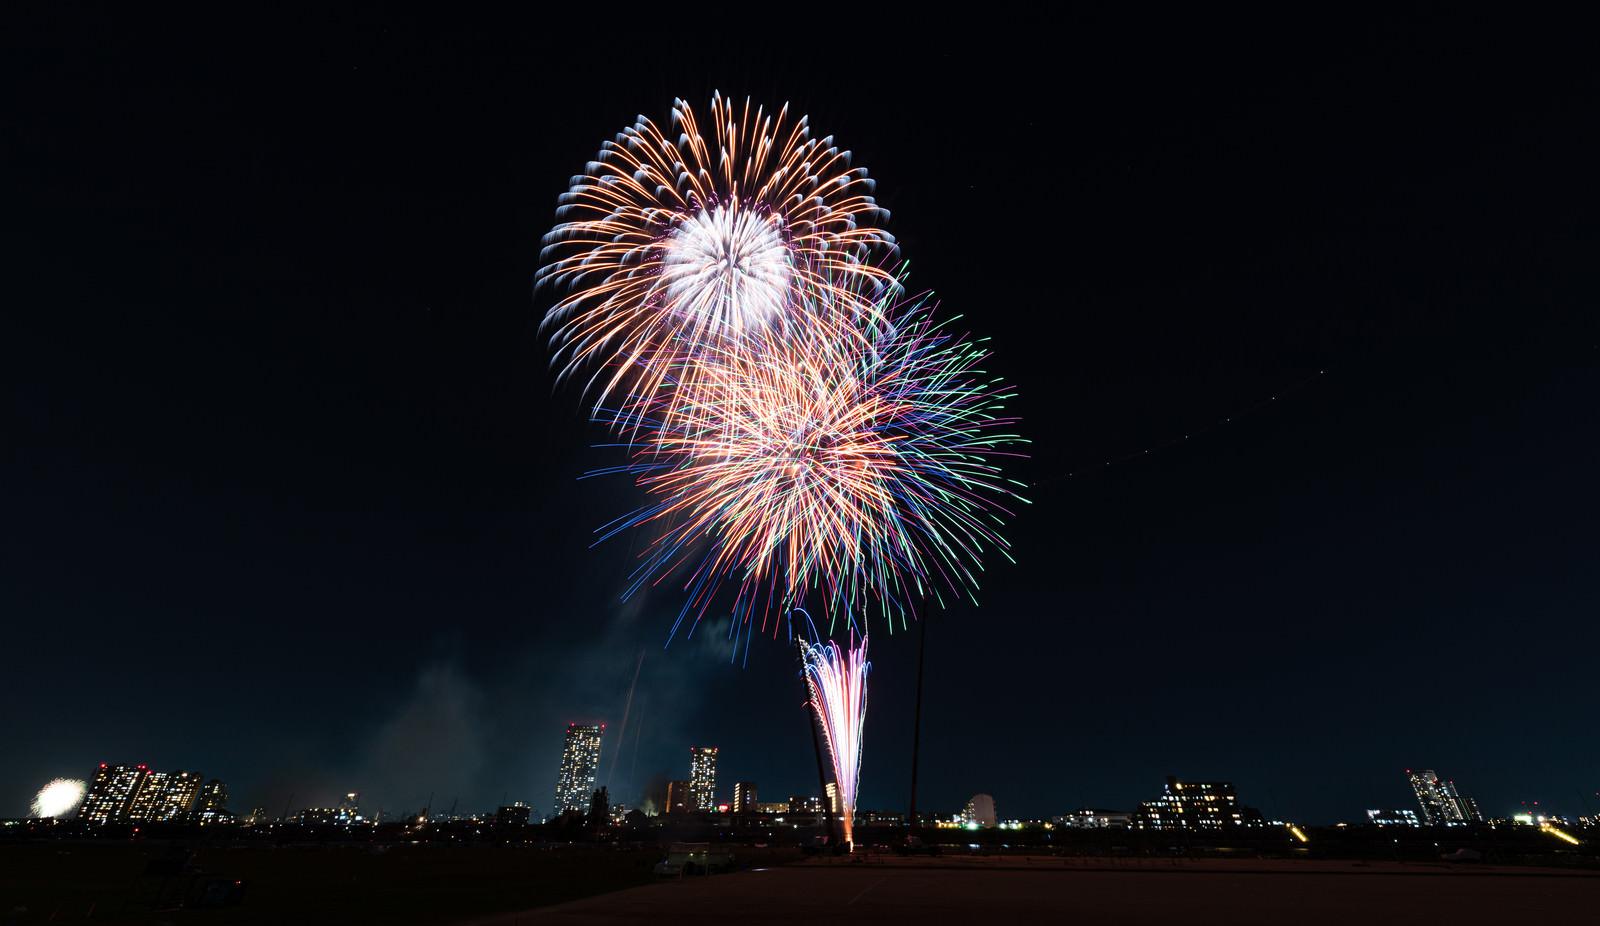 「目の前に打ち上がる花火」の写真